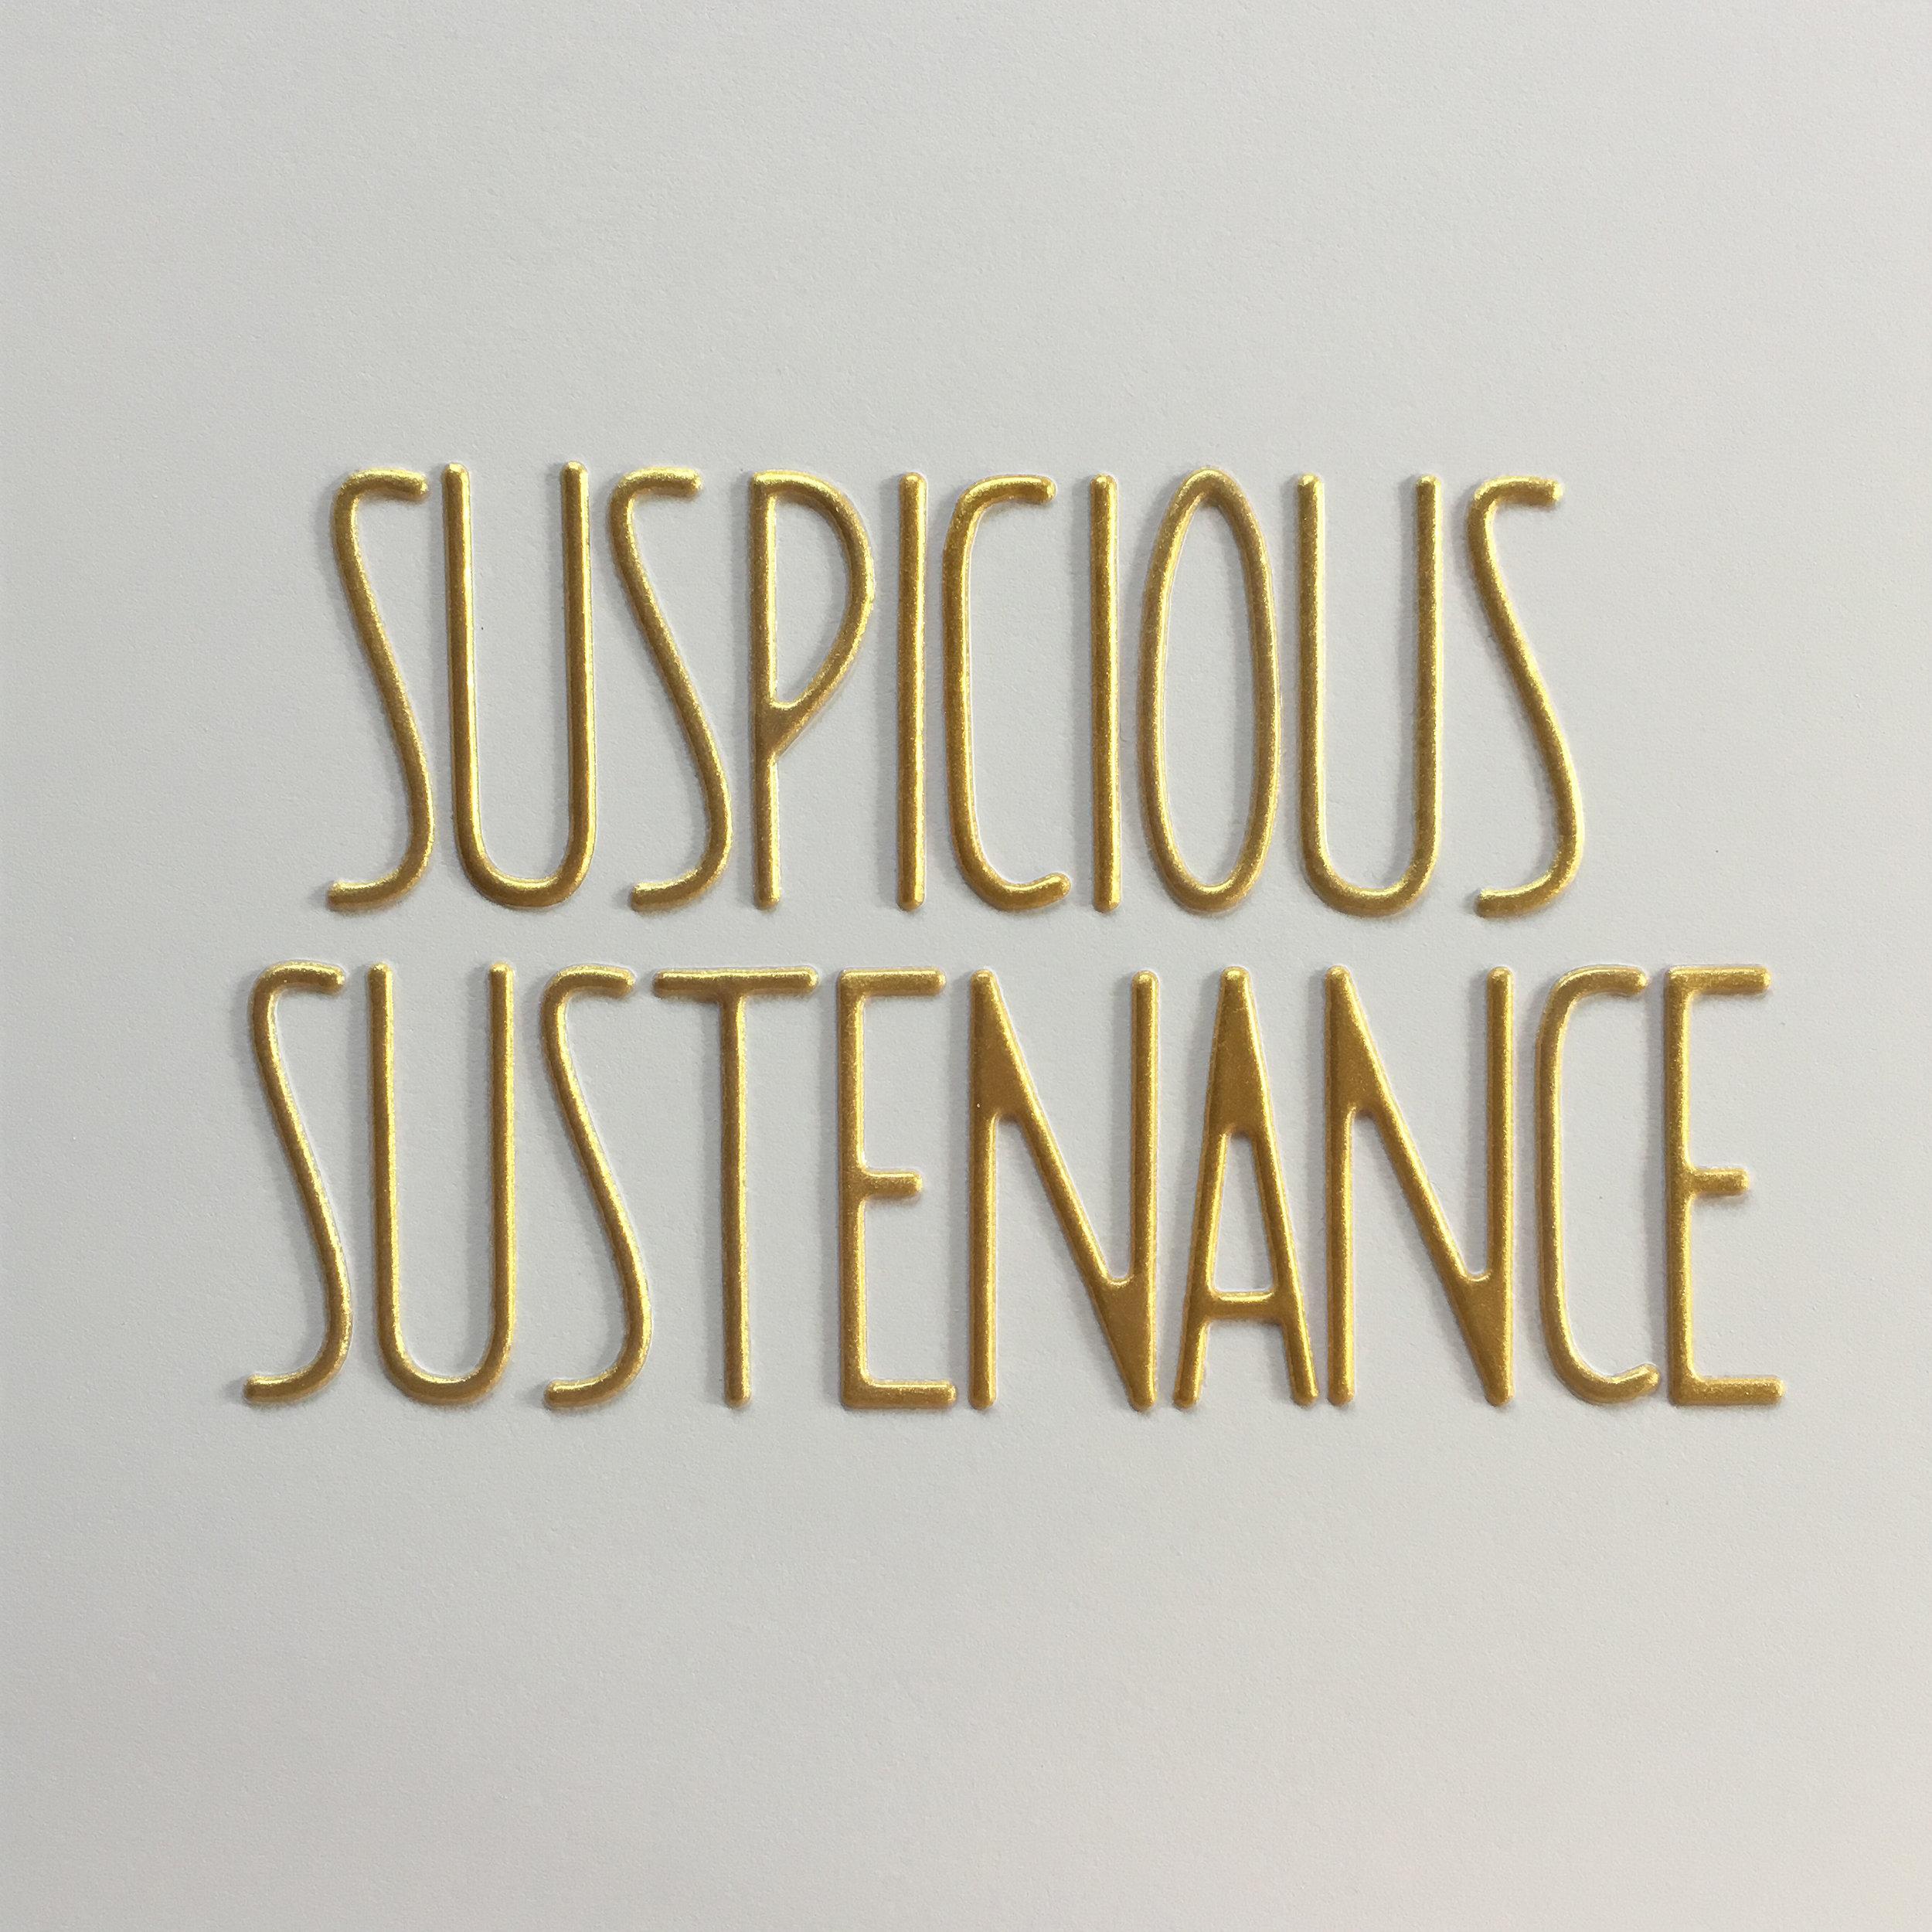 suspicious sustenance.jpg